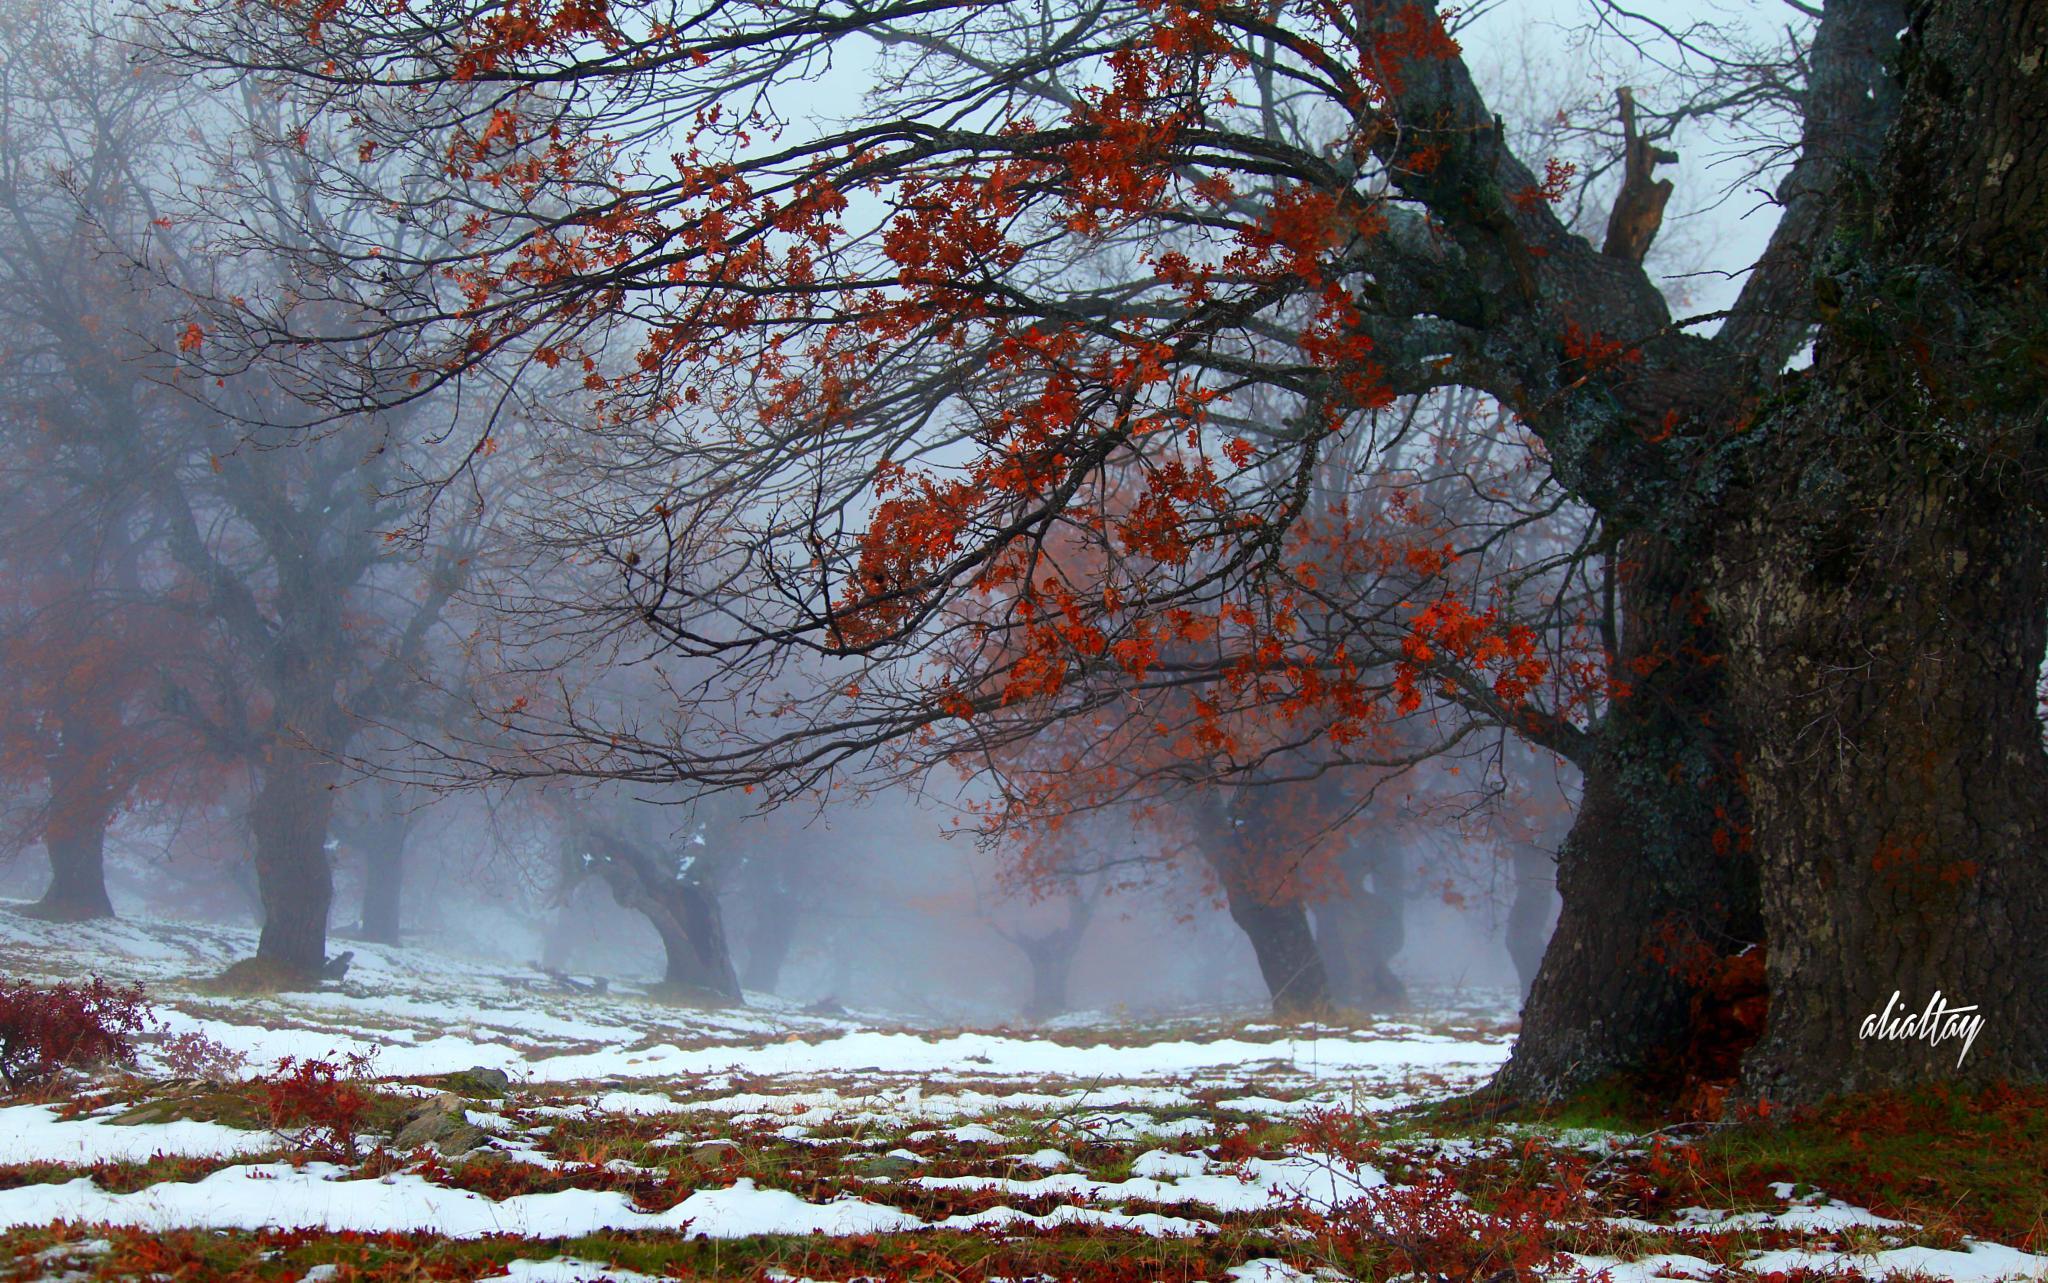 sonbahar ve kar by AliAltay